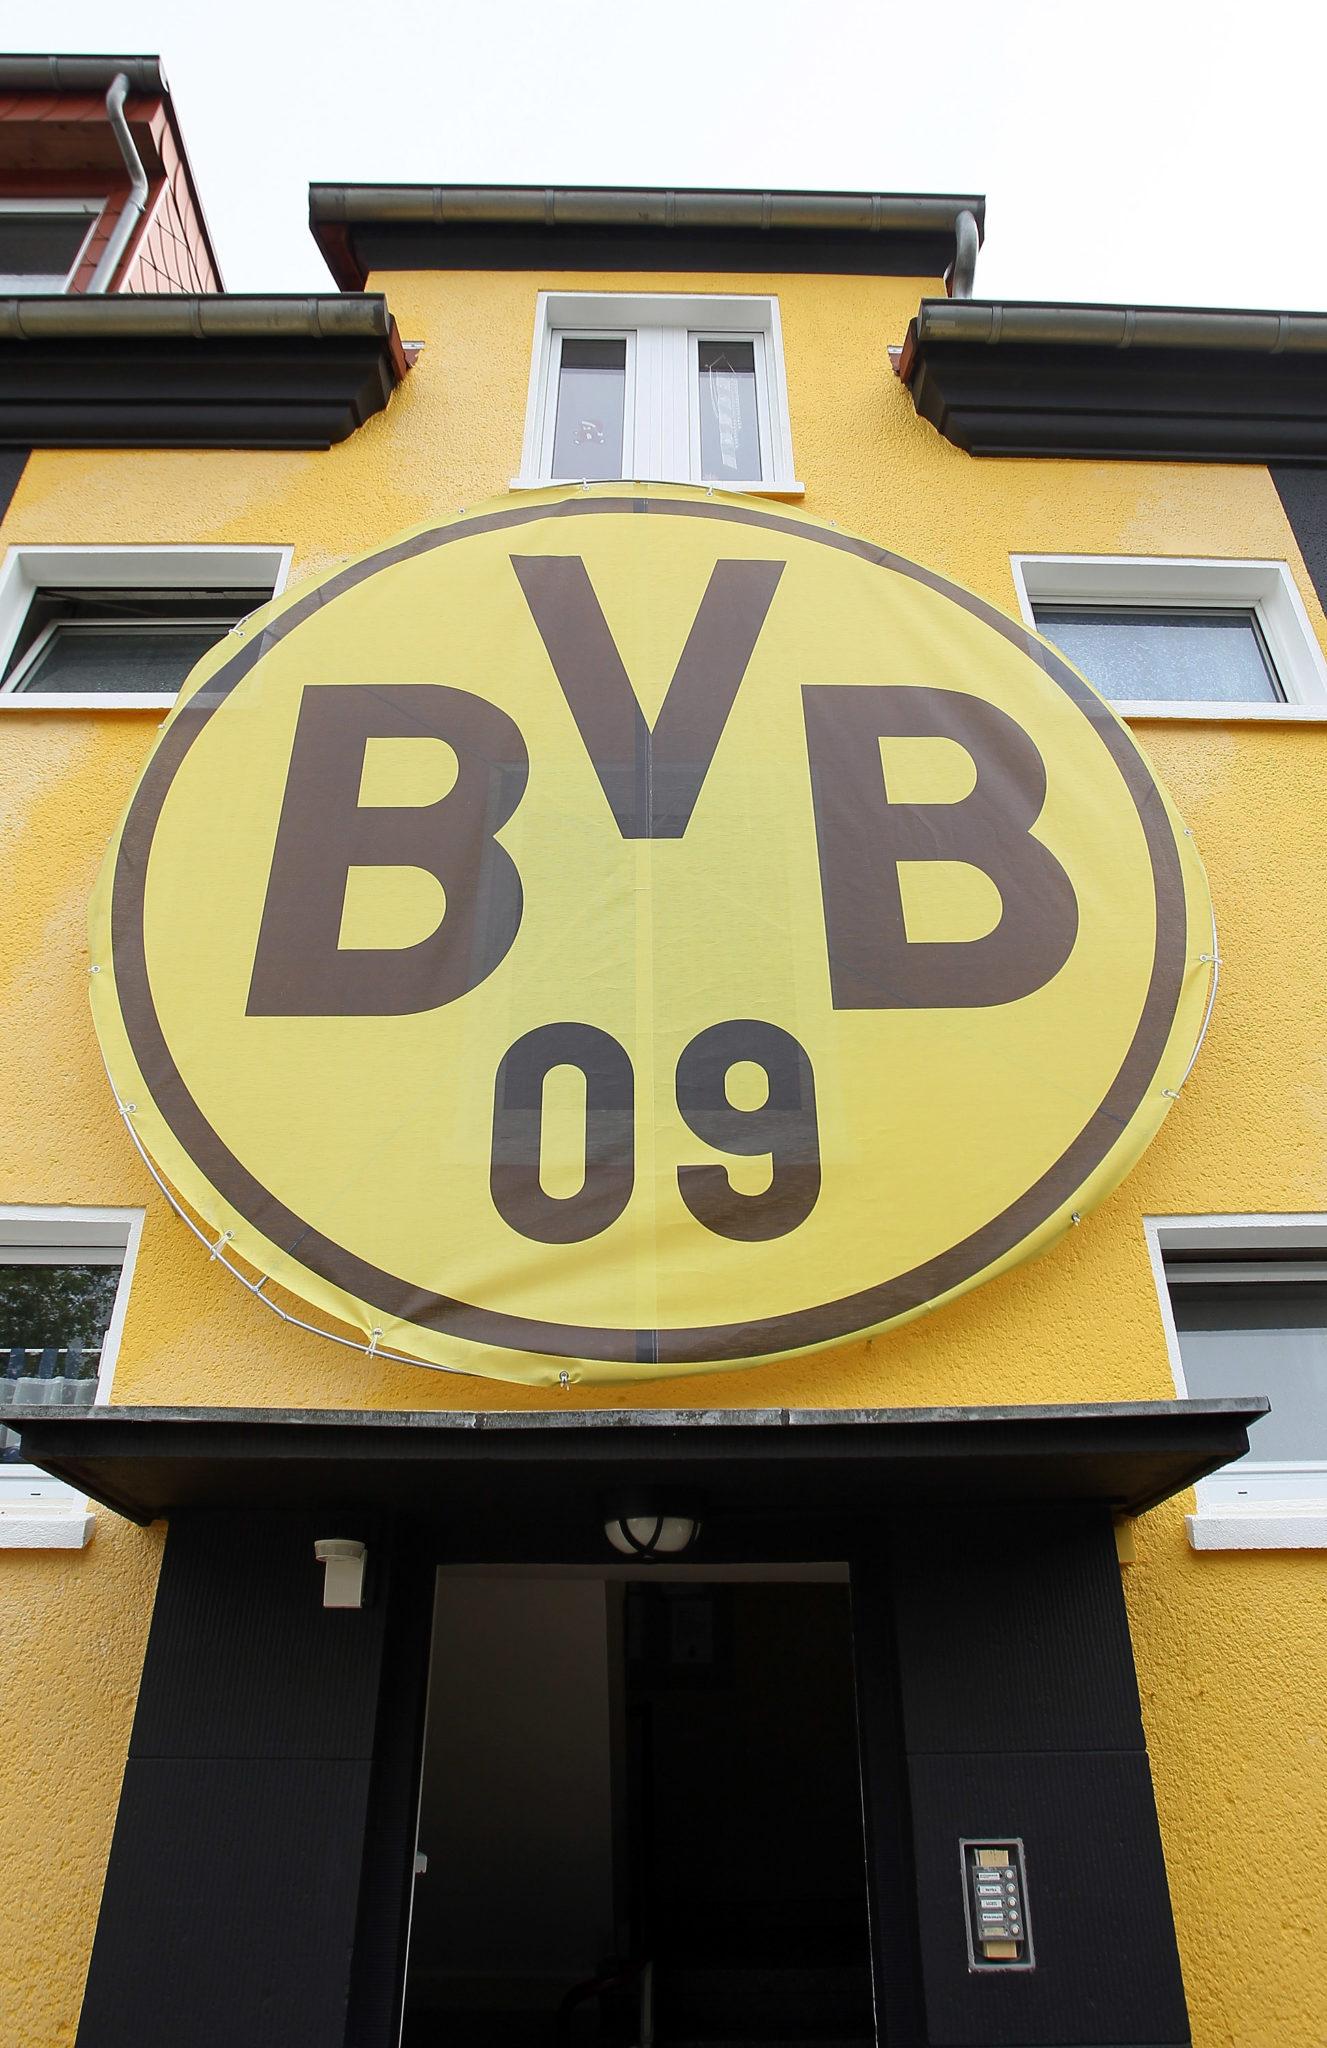 Vor dem Tripple war das Vize-Tripple und die Niederlagen gegen den BVB.